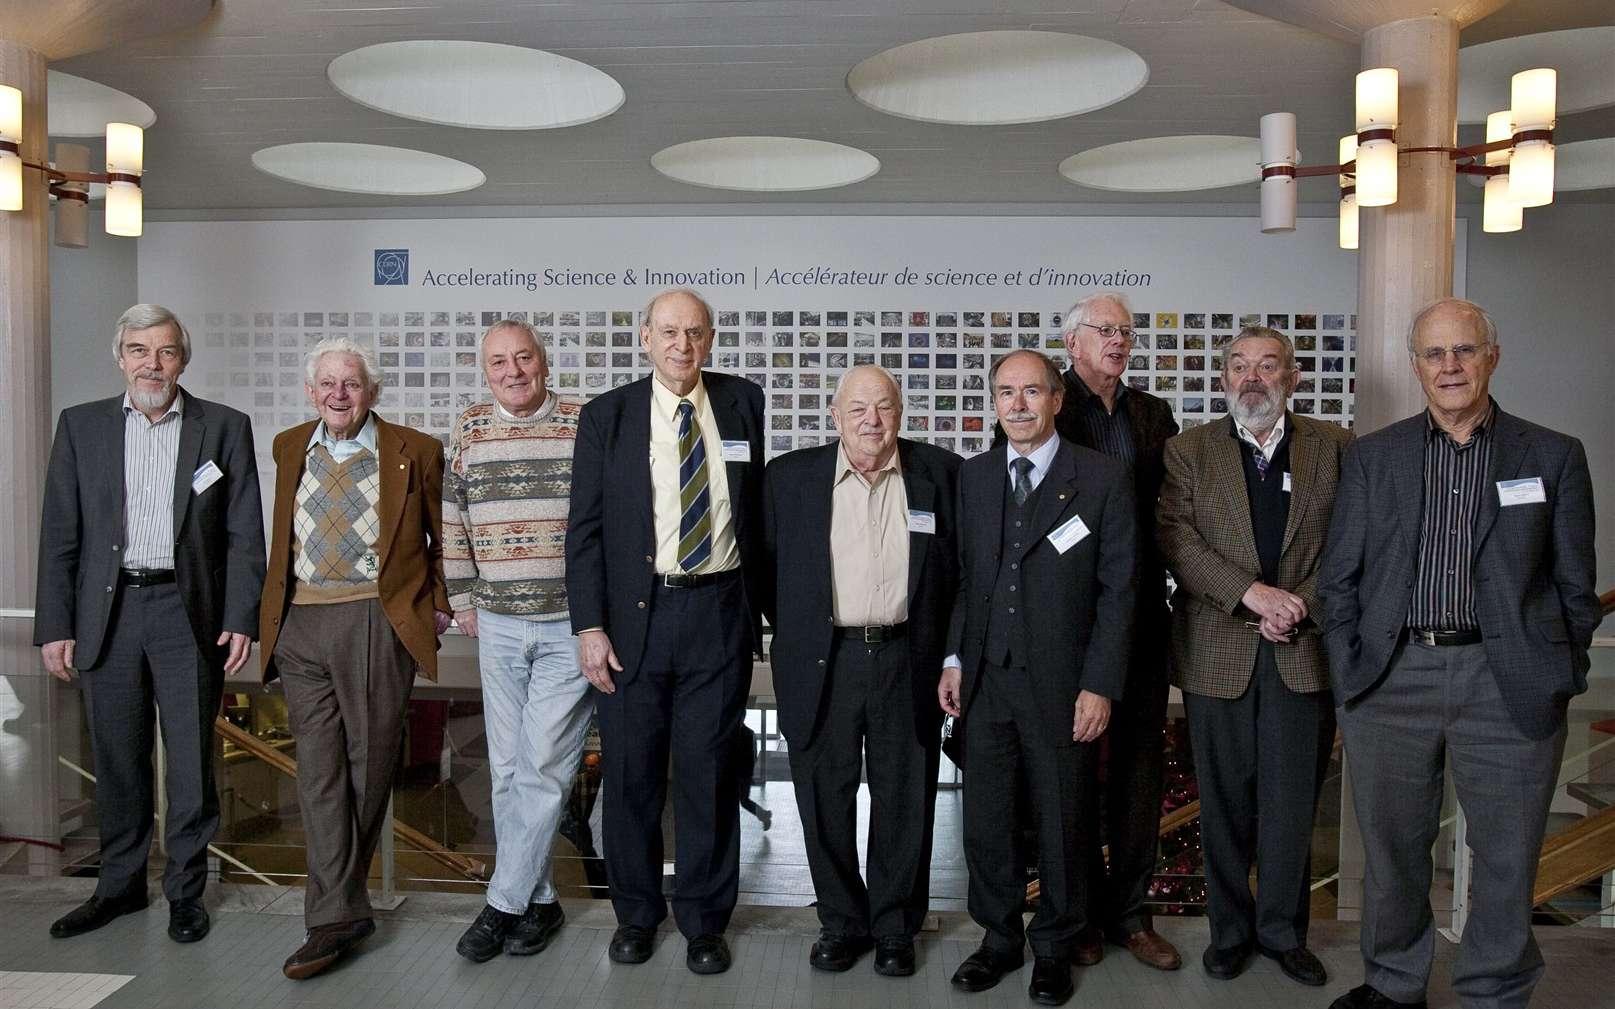 De gauche à droite, Rolf-Dieter Heuer (le directeur du Cern), Leon Lederman, Lyndon Evans, Jerome Friedman, Burton Richter, Gerardus 't Hooft, Sheldon Glashow, Martinus Veltman, David Gross. Crédit : Cern-Jean-Claude Gadmer